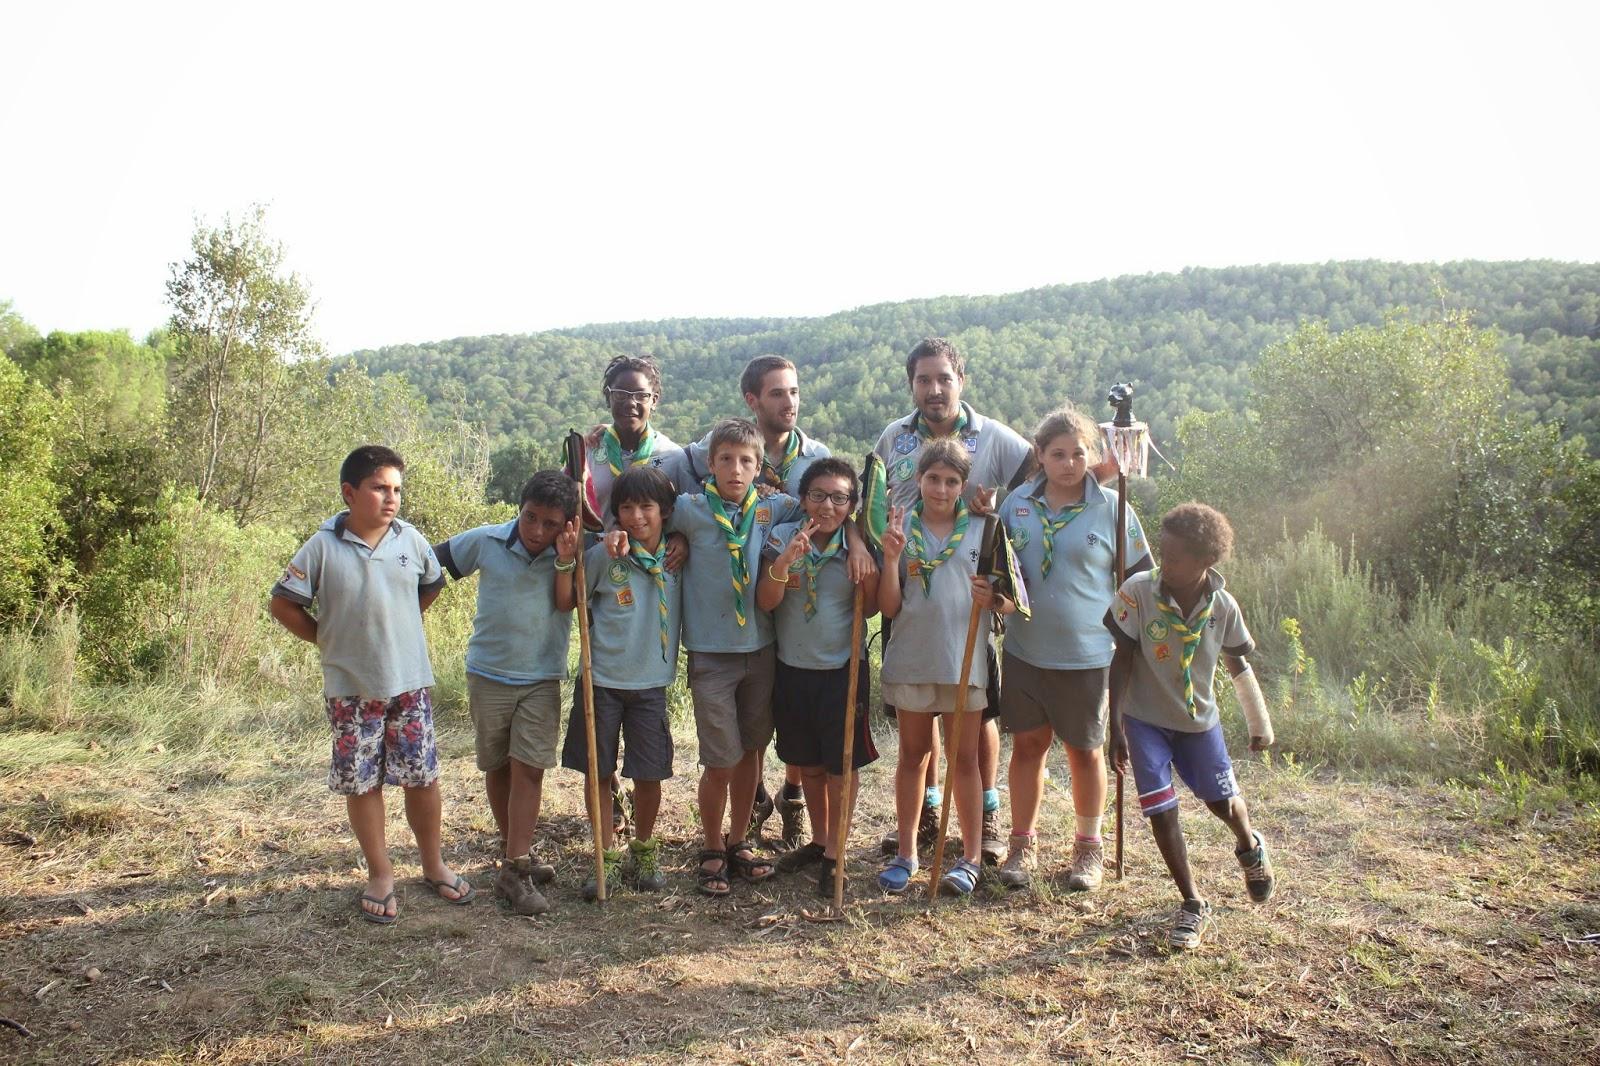 Campaments Estiu Cabanelles 2014 - IMG_0488.JPG